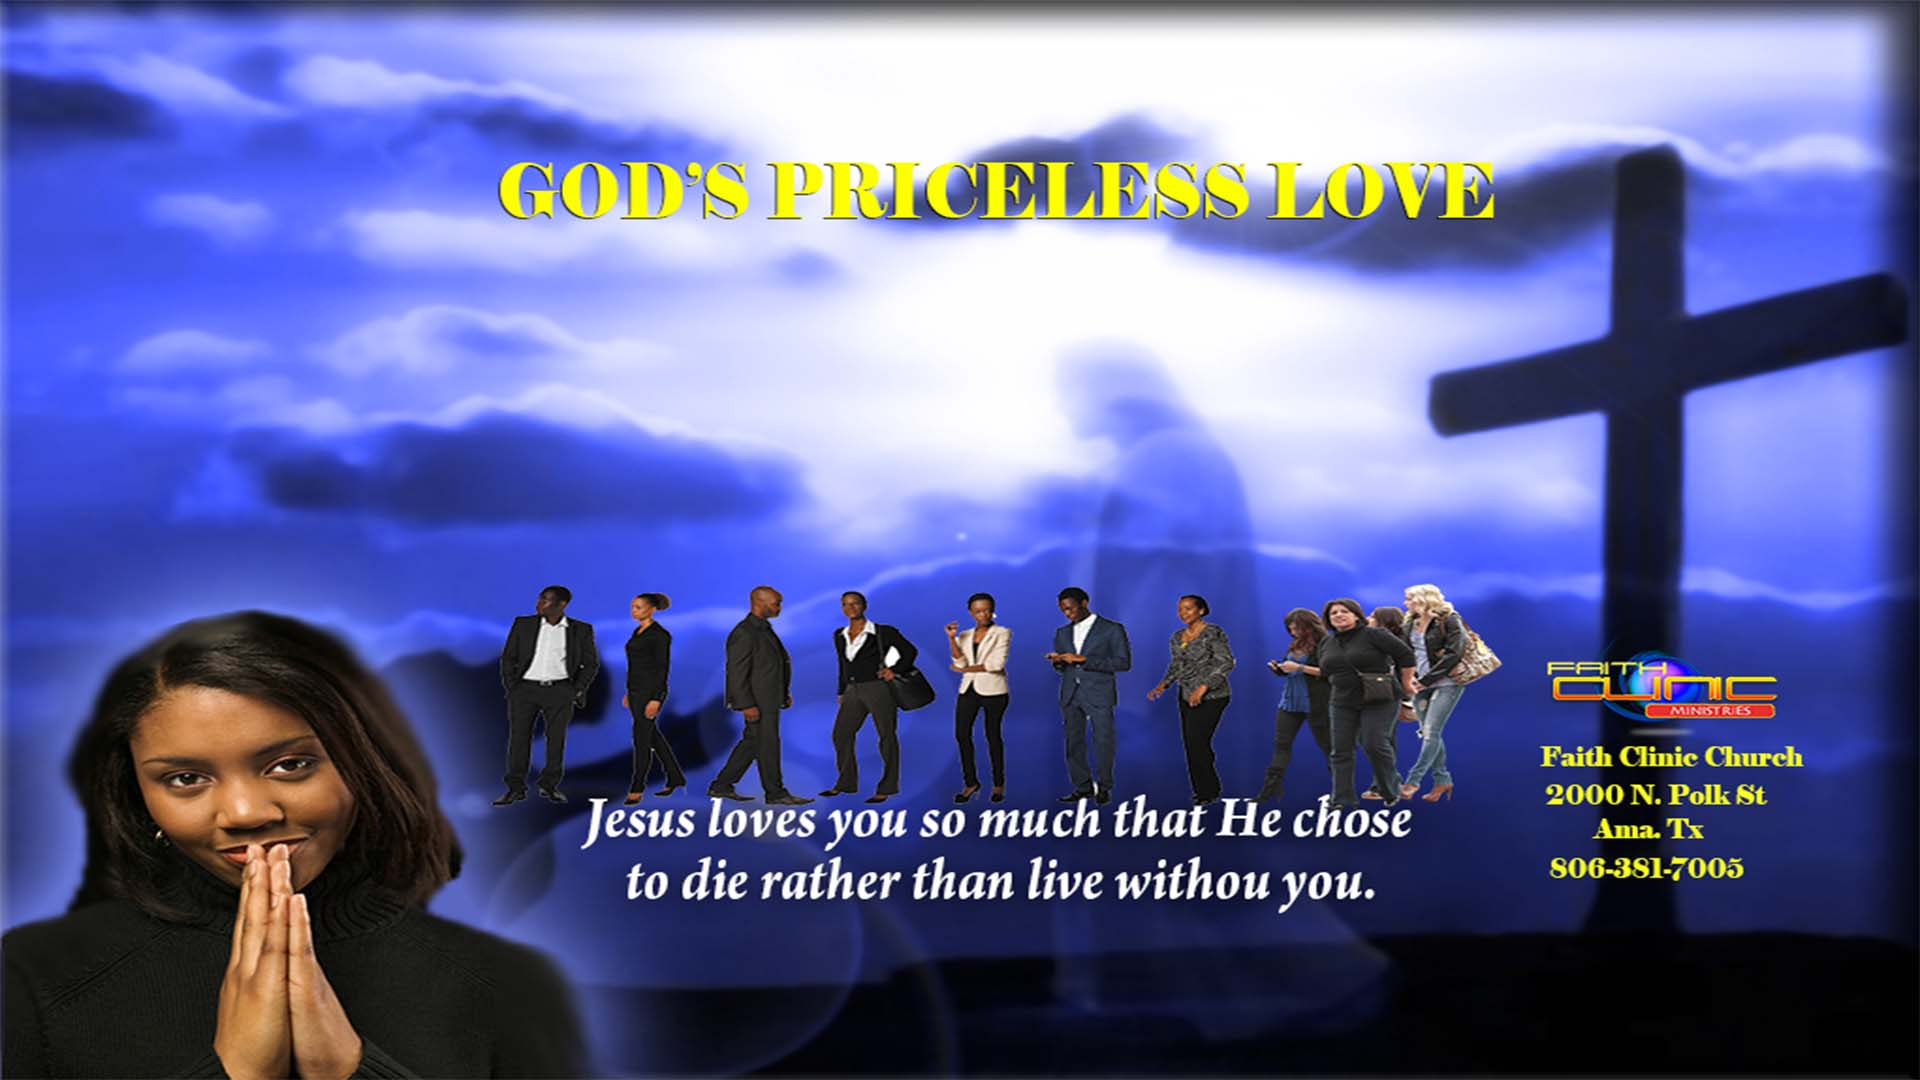 GOD'S PRICELESS LOVE - MSTR -WEB 1920X1080